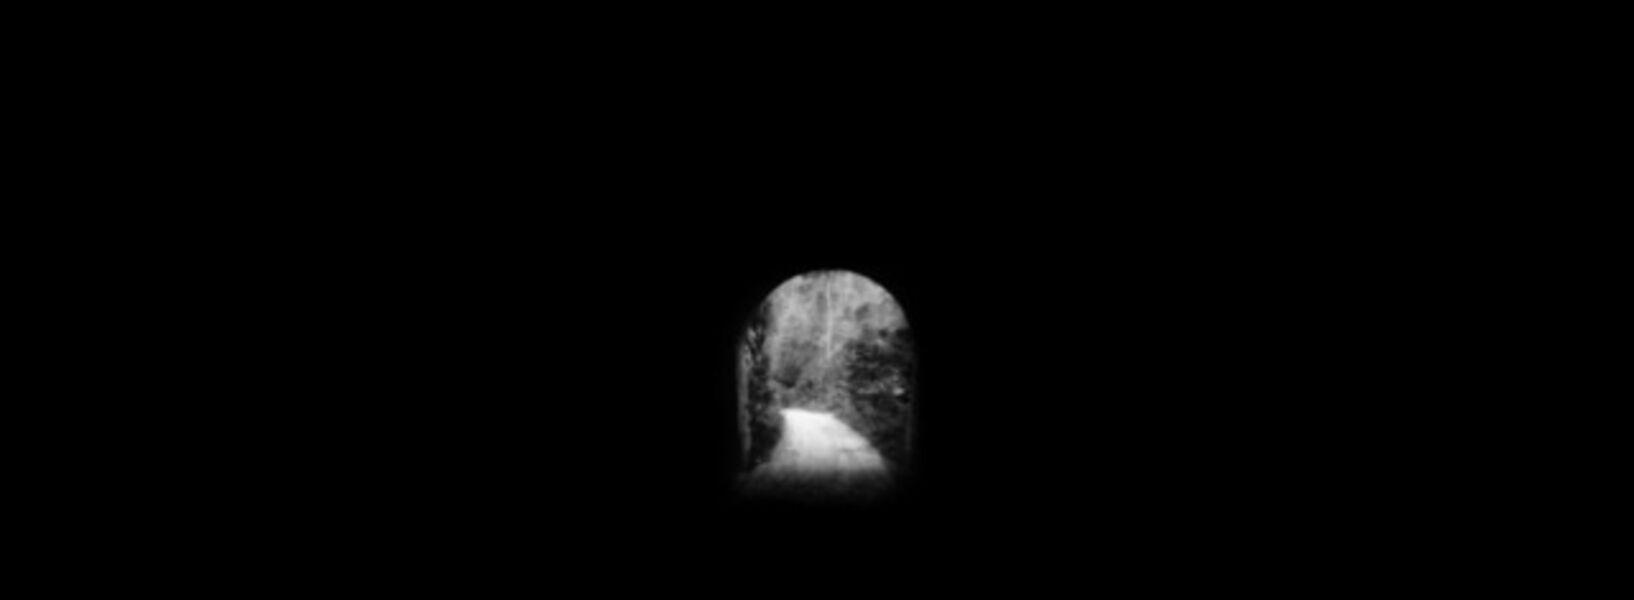 João Castilho, 'A errância /The wandering', 2013